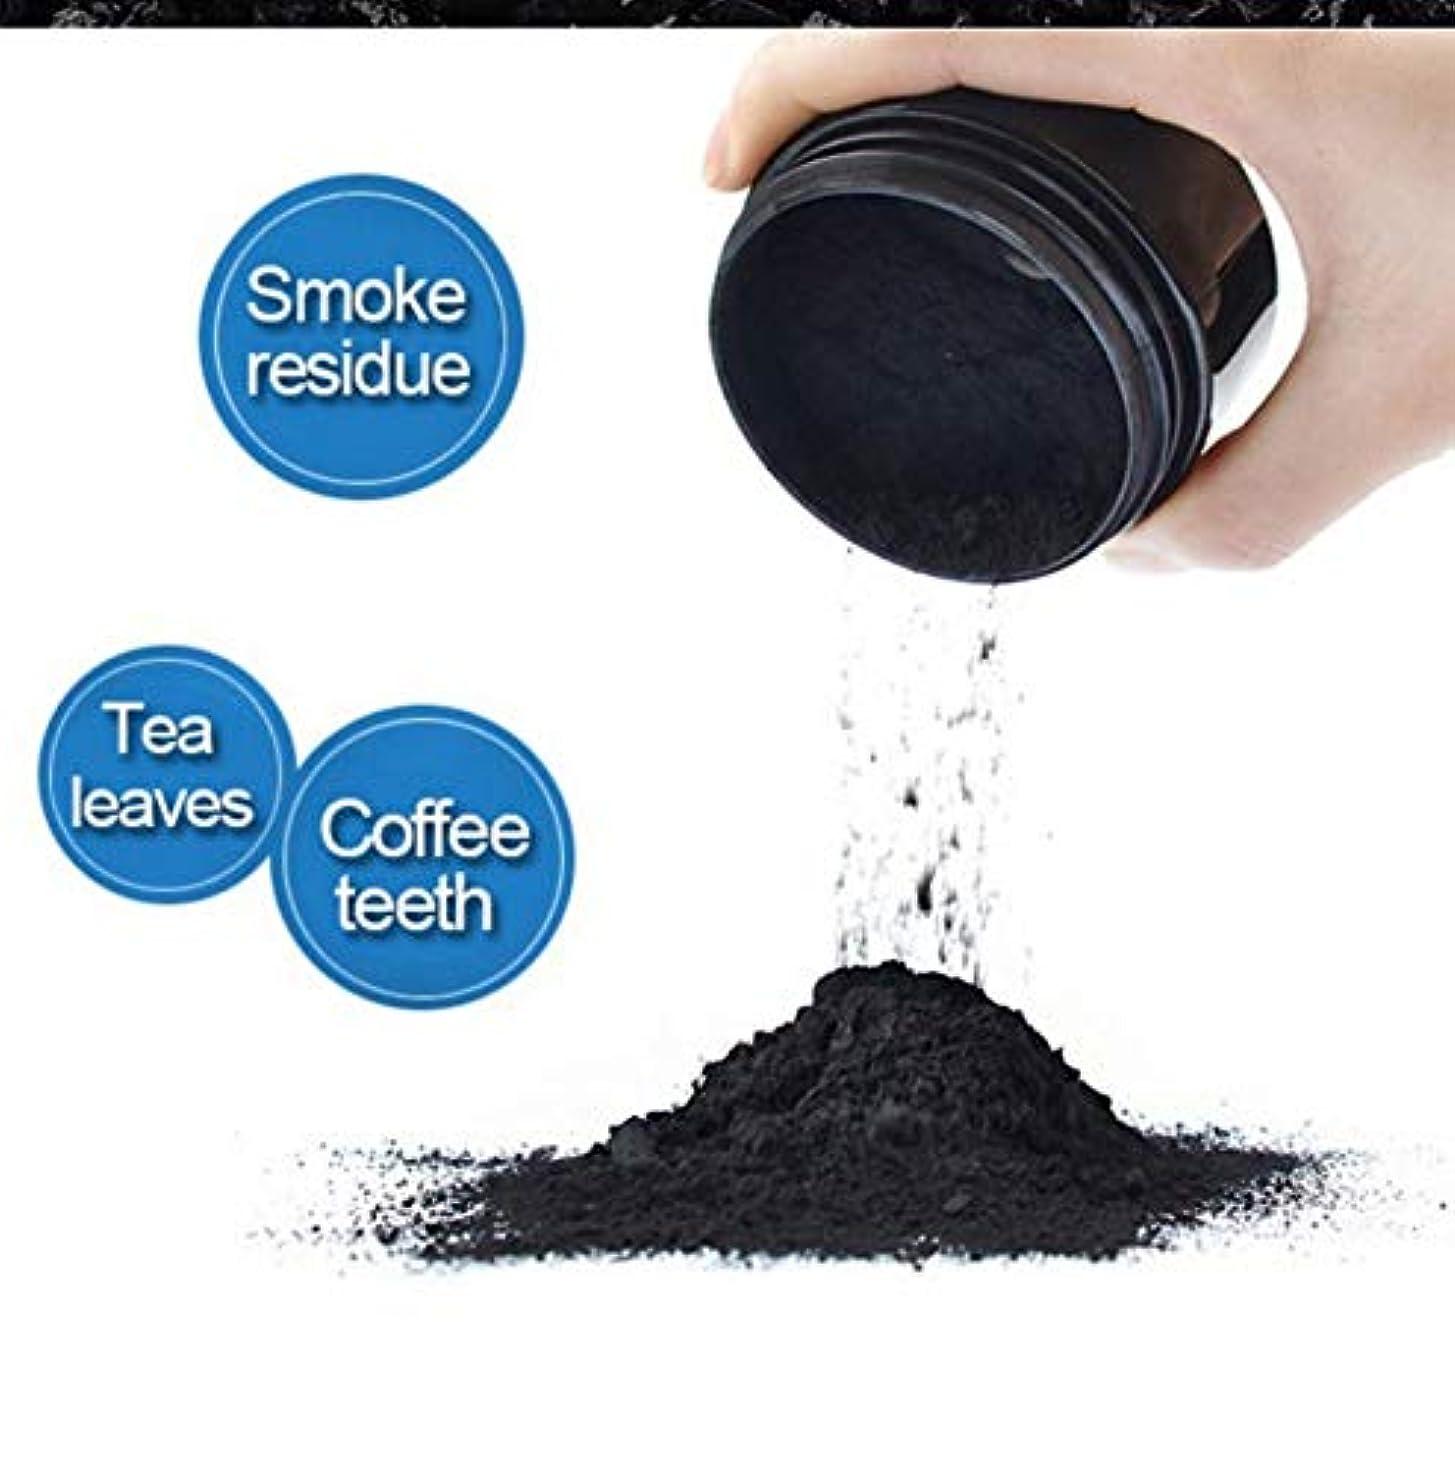 振る舞う精神的に論争の的Daily Use Teeth Whitening Scaling Powder Oral Hygiene Cleaning Packing Premium Activated Bamboo Charcoal Powder...